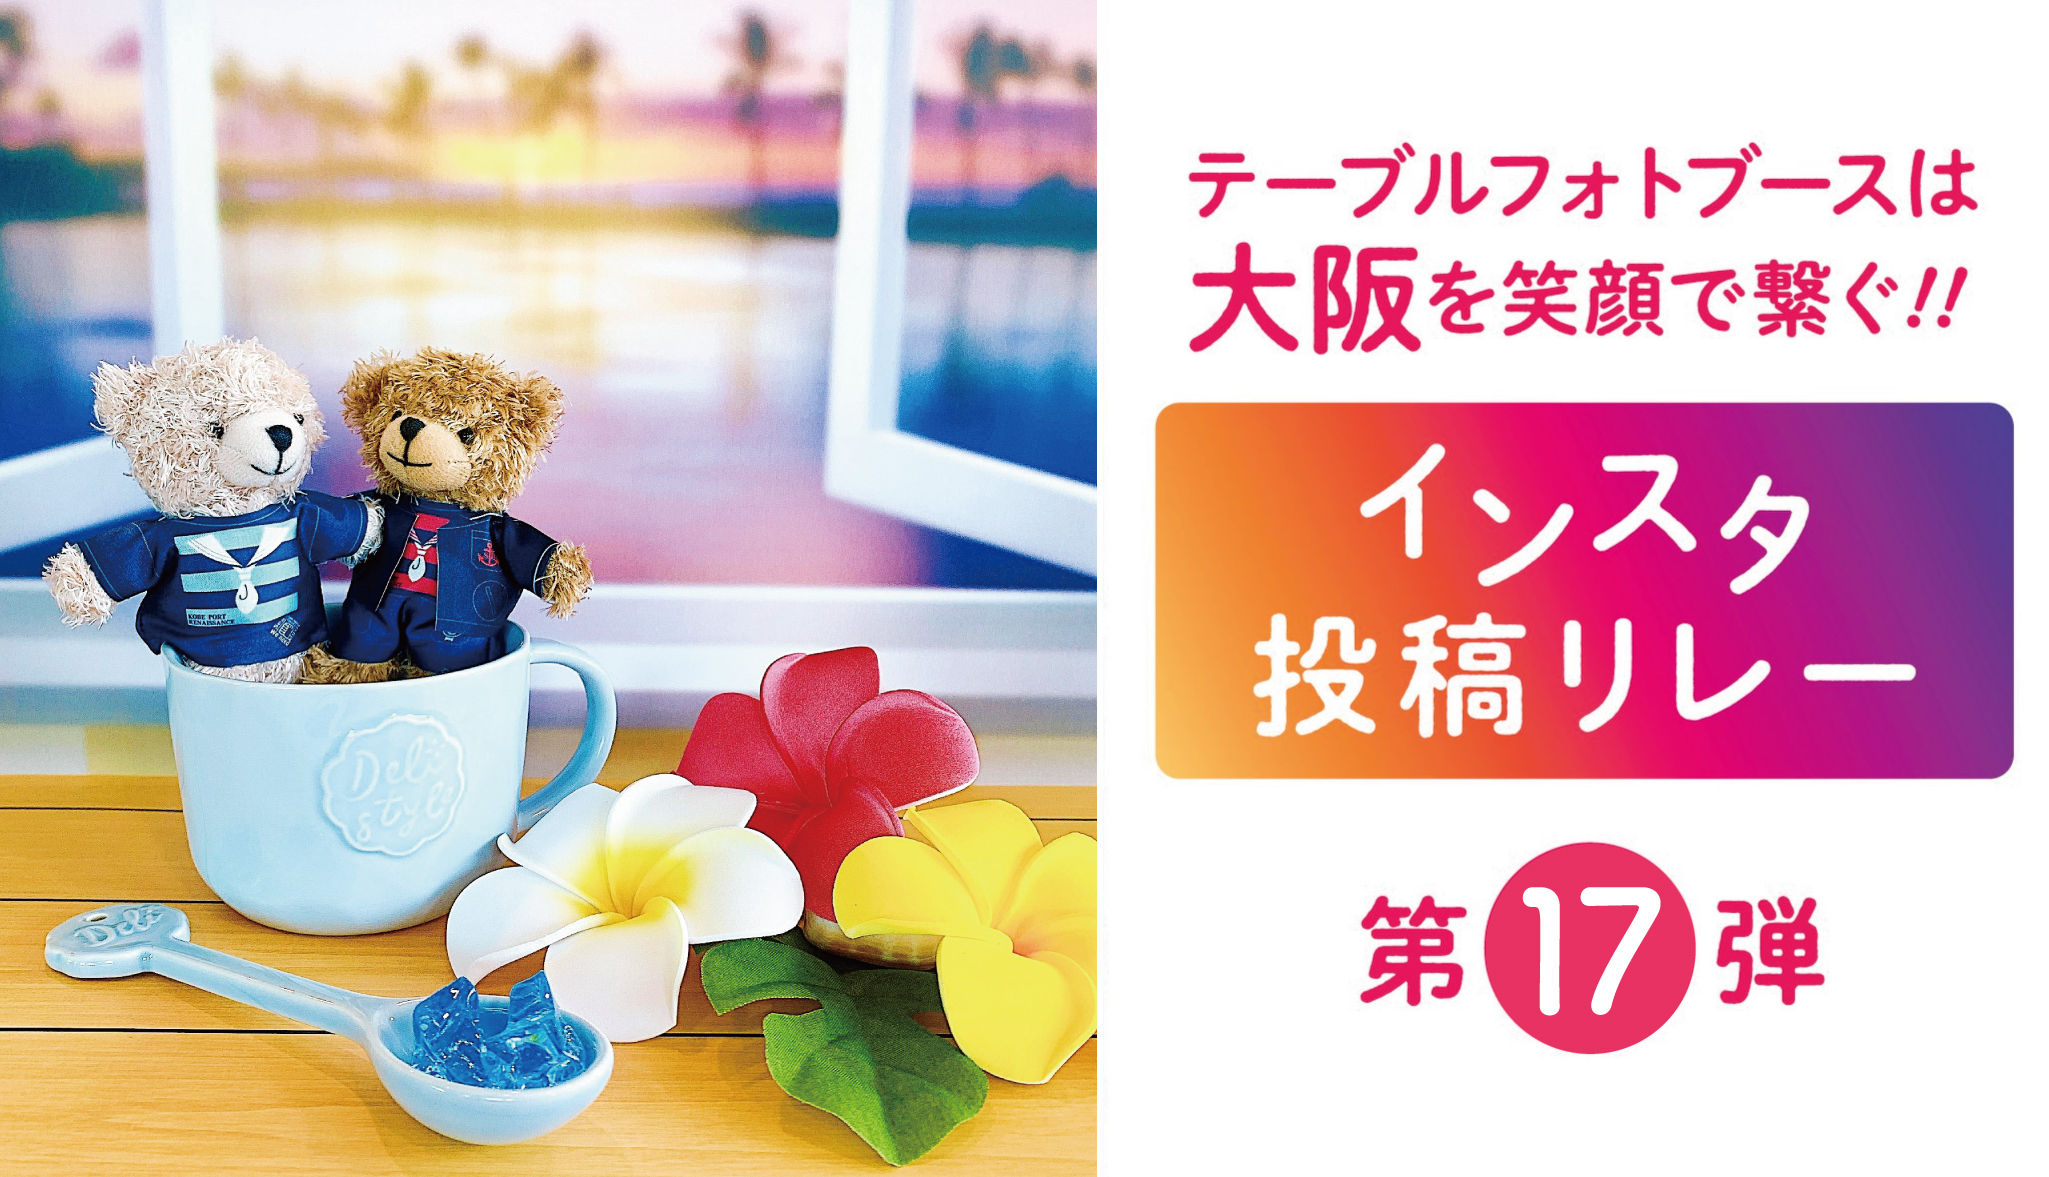 『テーブルフォトブースで大阪を笑顔で繋ぐ!!インスタ投稿リレー』第17弾!!